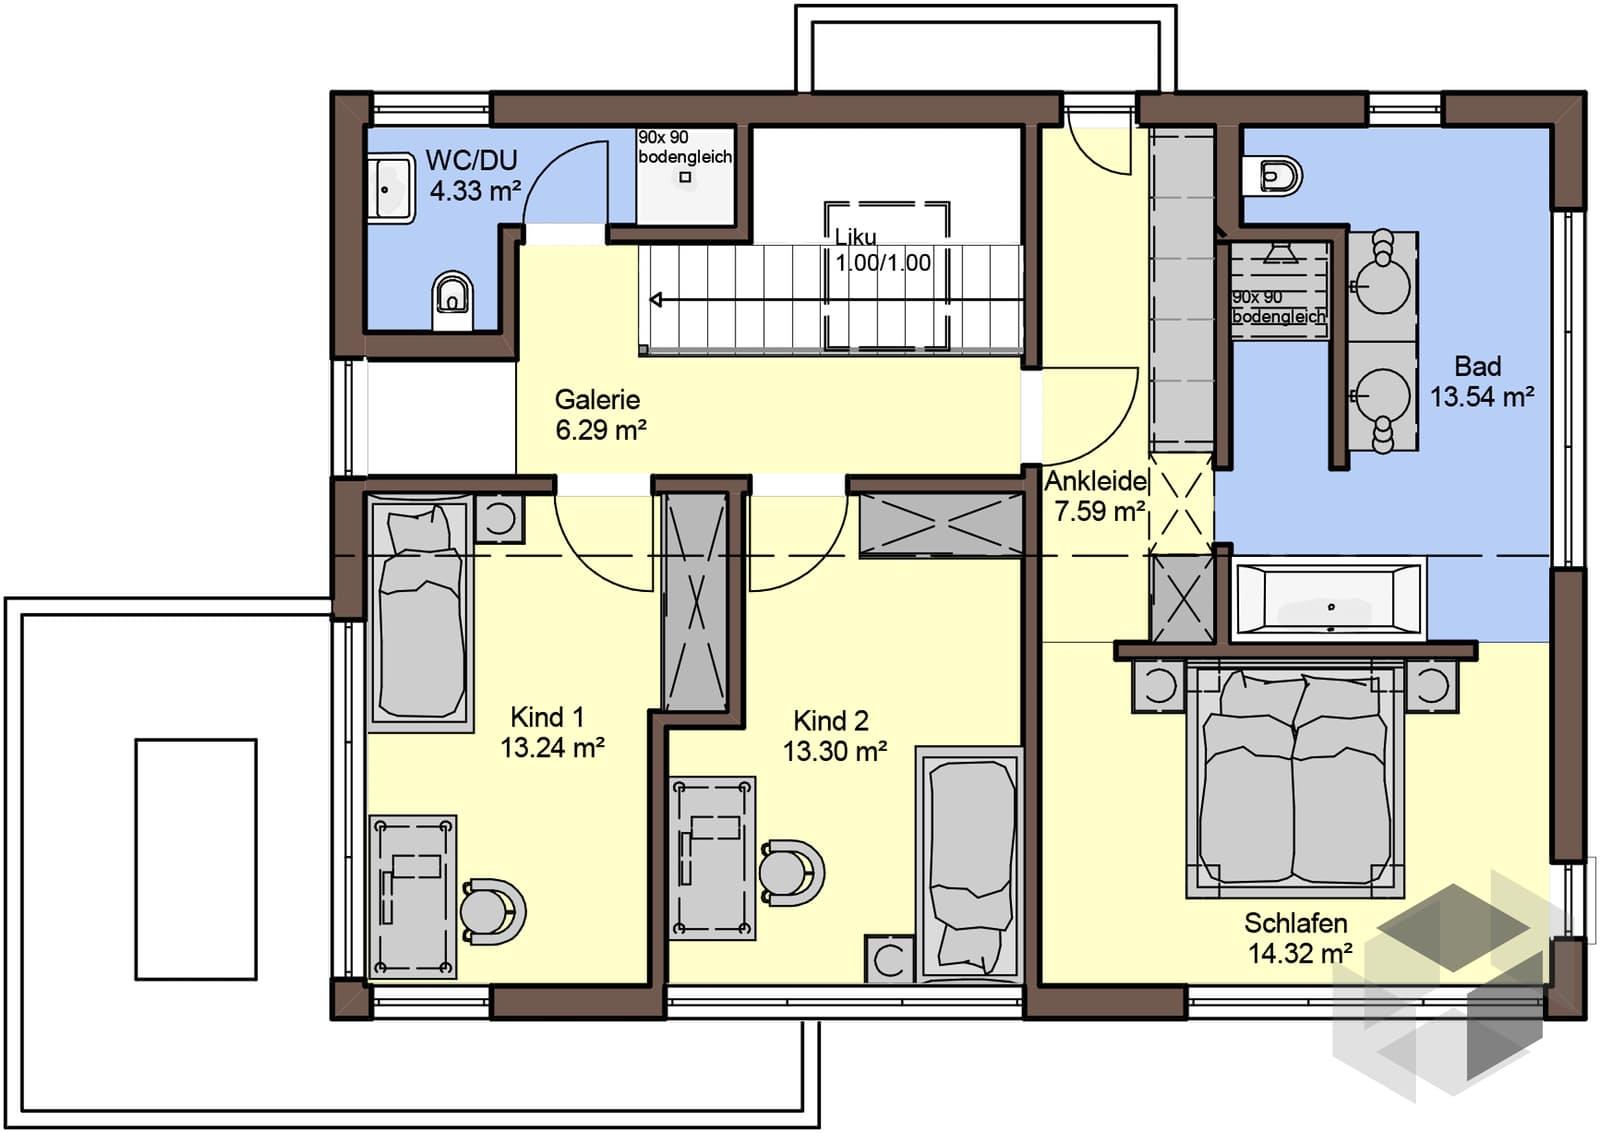 akzento von b denbender hausbau komplette daten bersicht. Black Bedroom Furniture Sets. Home Design Ideas